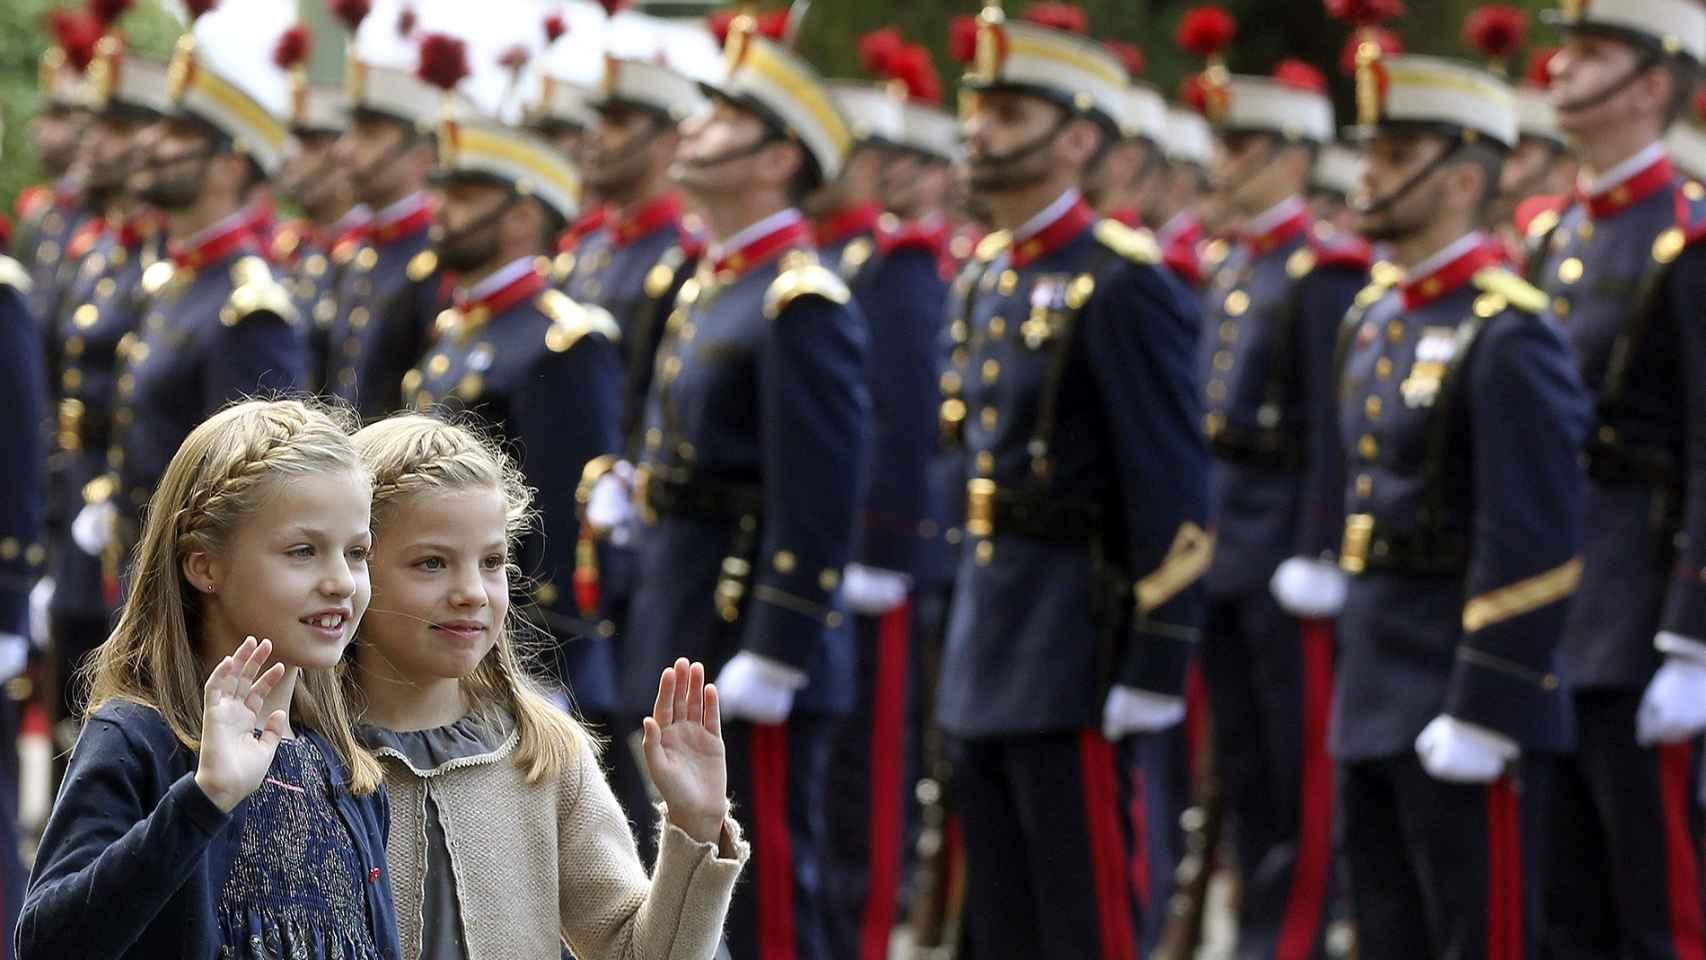 Las infantas saludan a su llegada al desfile.